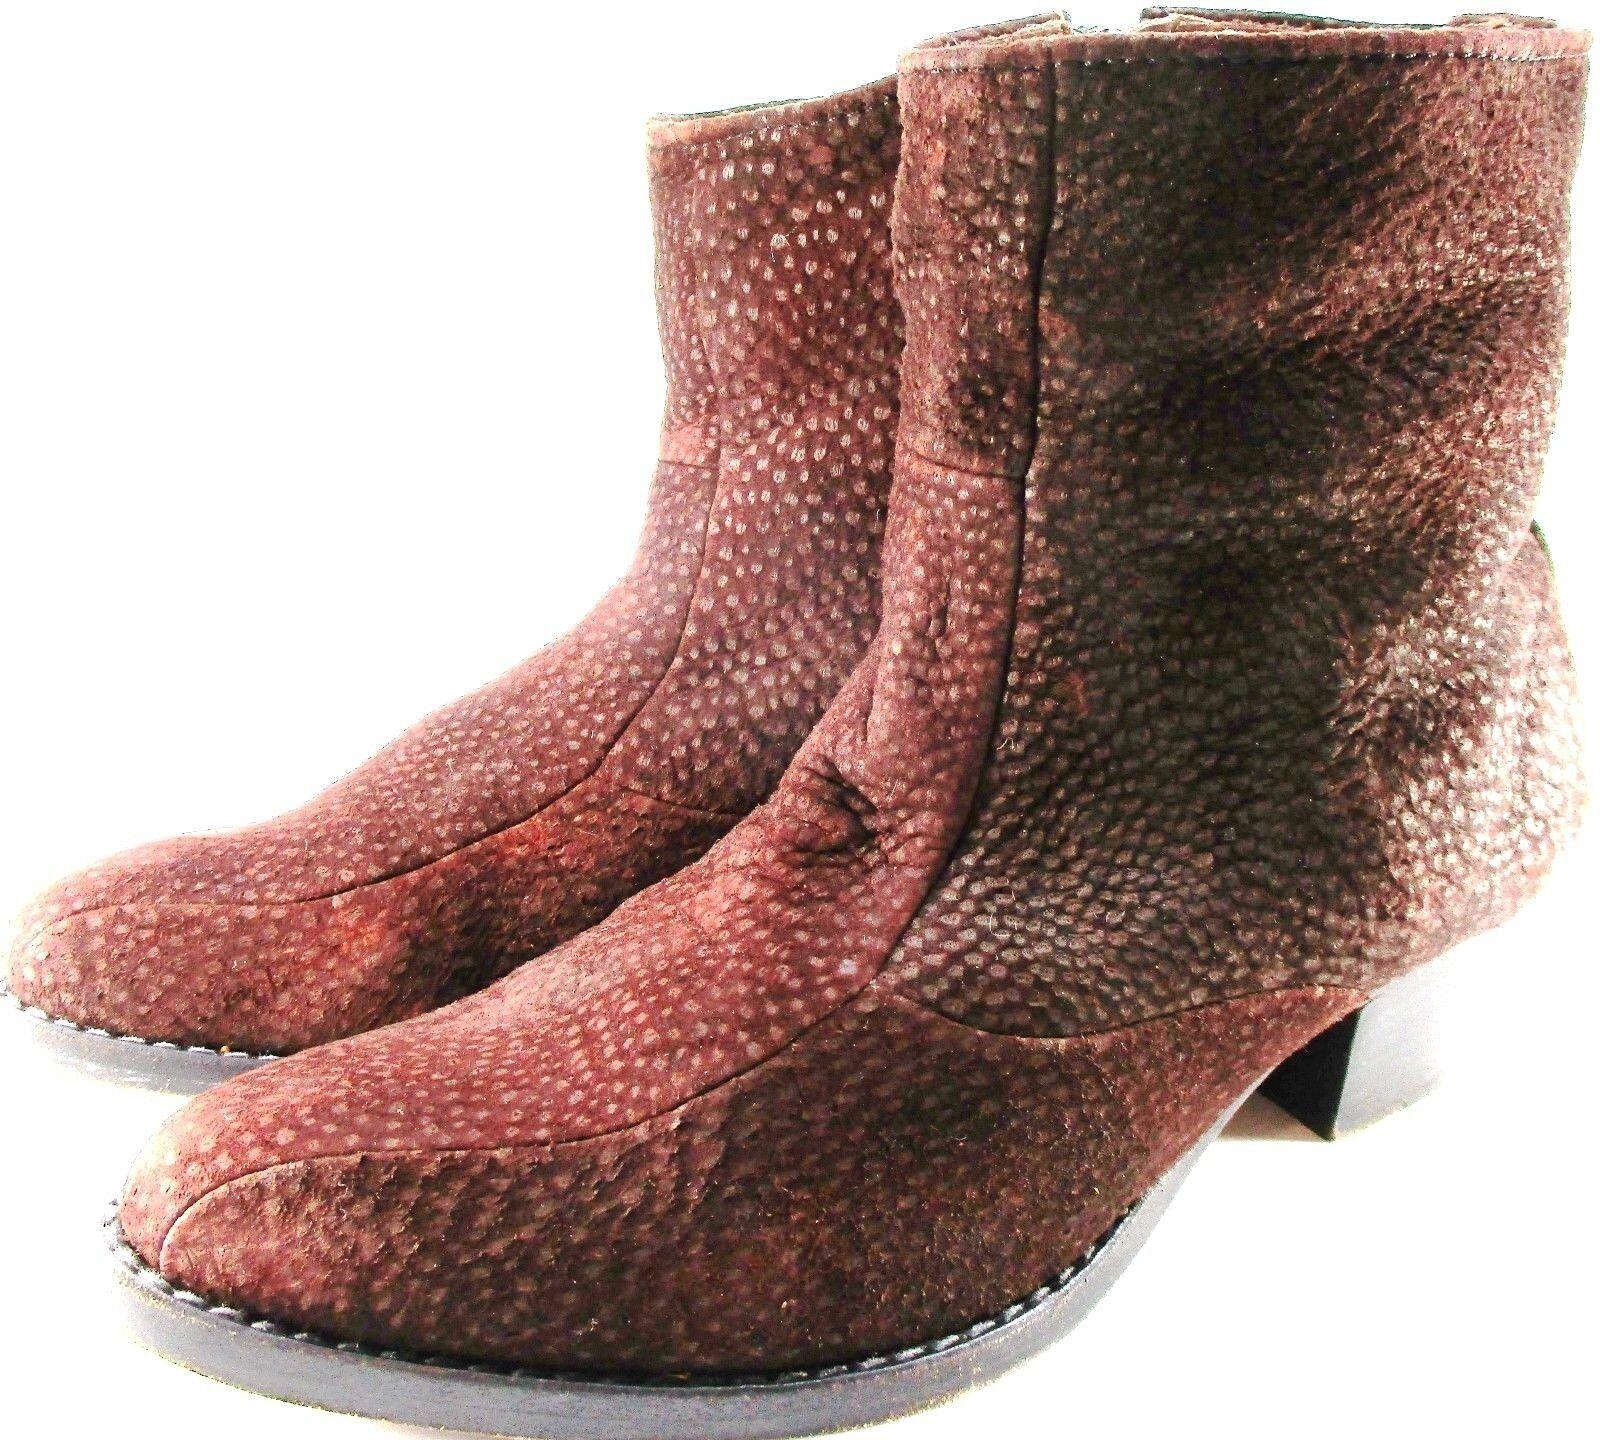 el precio más bajo Weiton Hombres Tobillo botas plantillas de cuero cuero cuero marrón de cuero forrados con cremallera.  Entrega gratuita y rápida disponible.